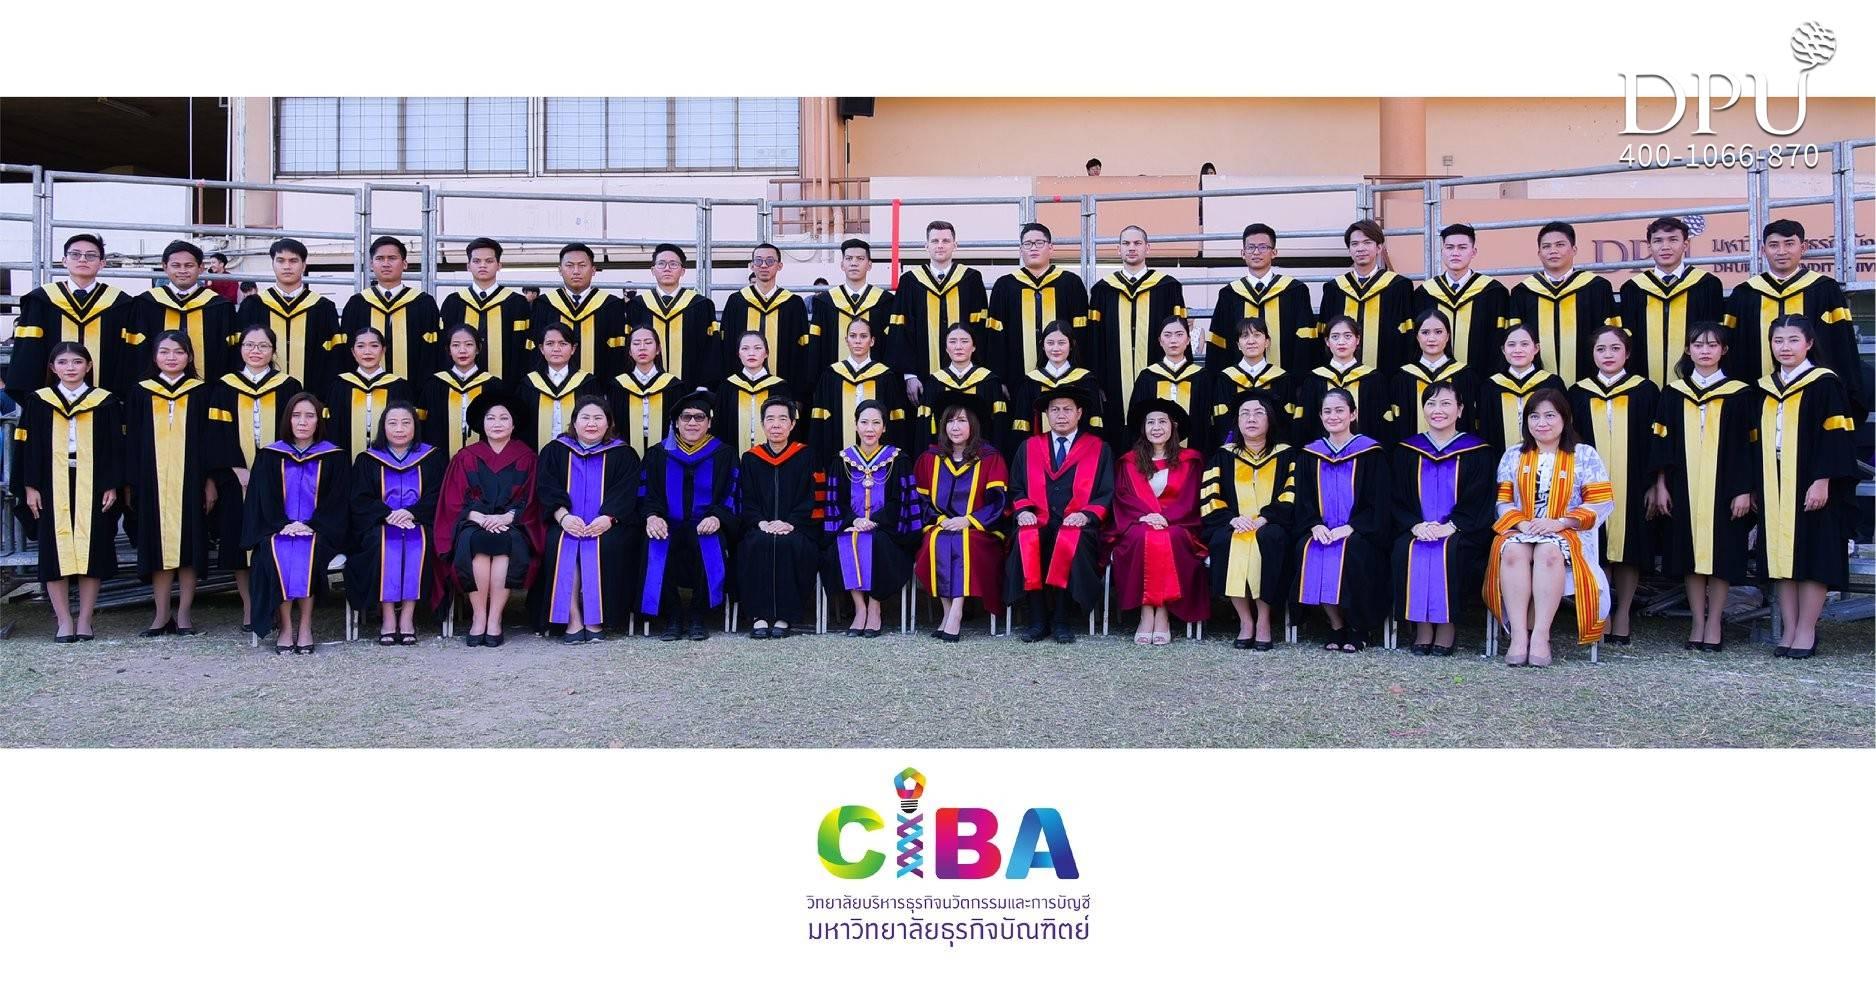 博仁大学2020年2月毕业照片CIBA学院